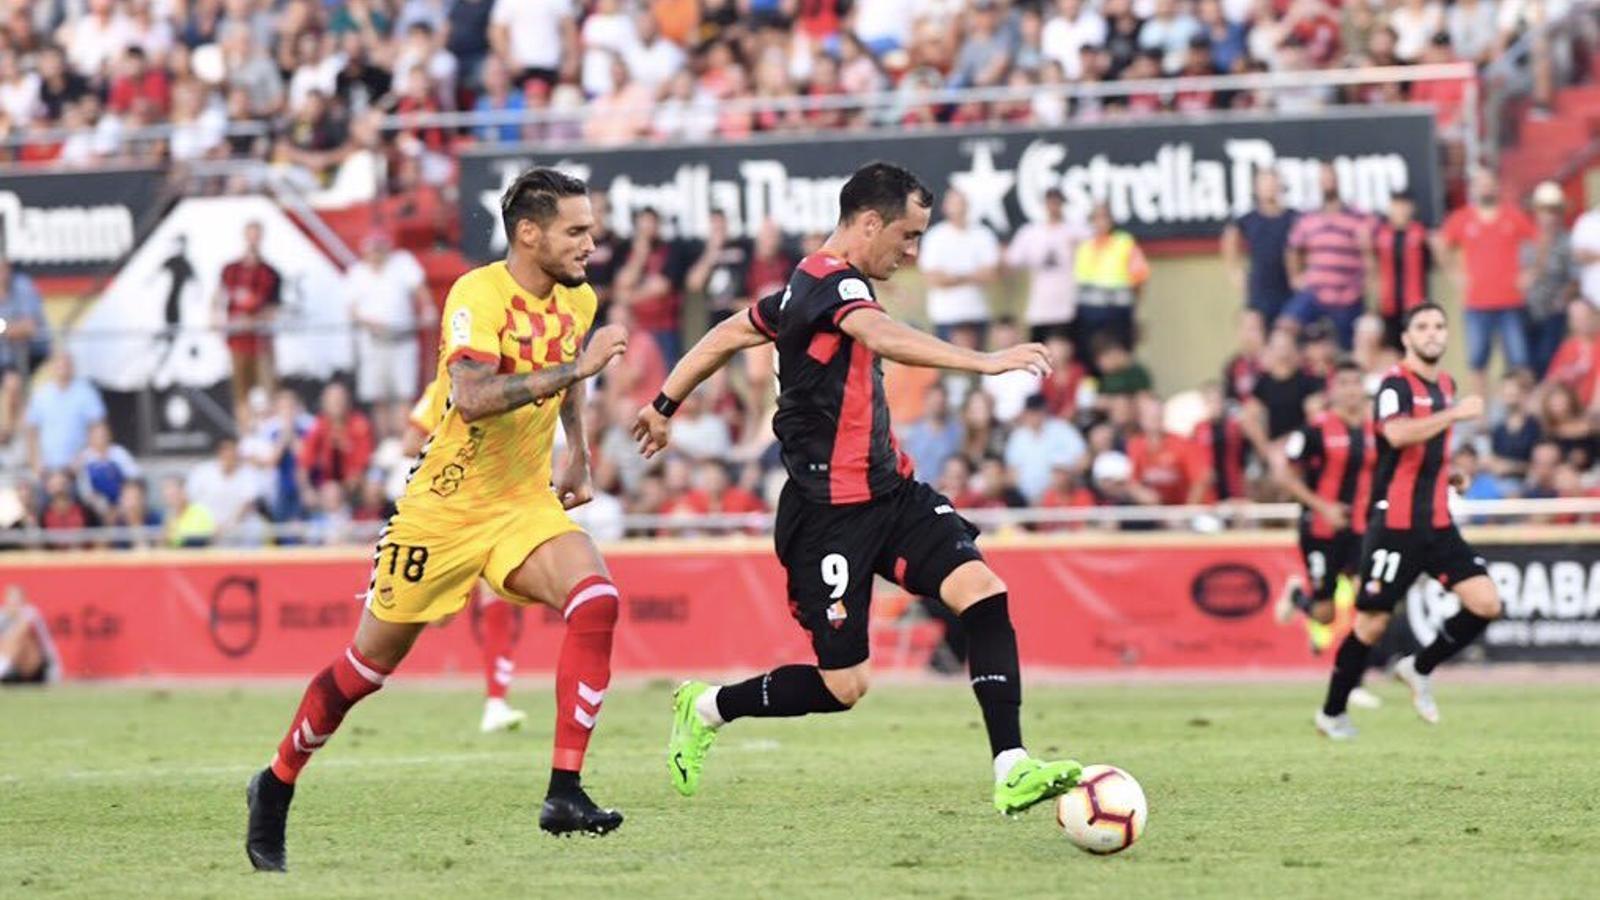 El Reus i el Nàstic es reparteixen els punts en el derbi (1-1)